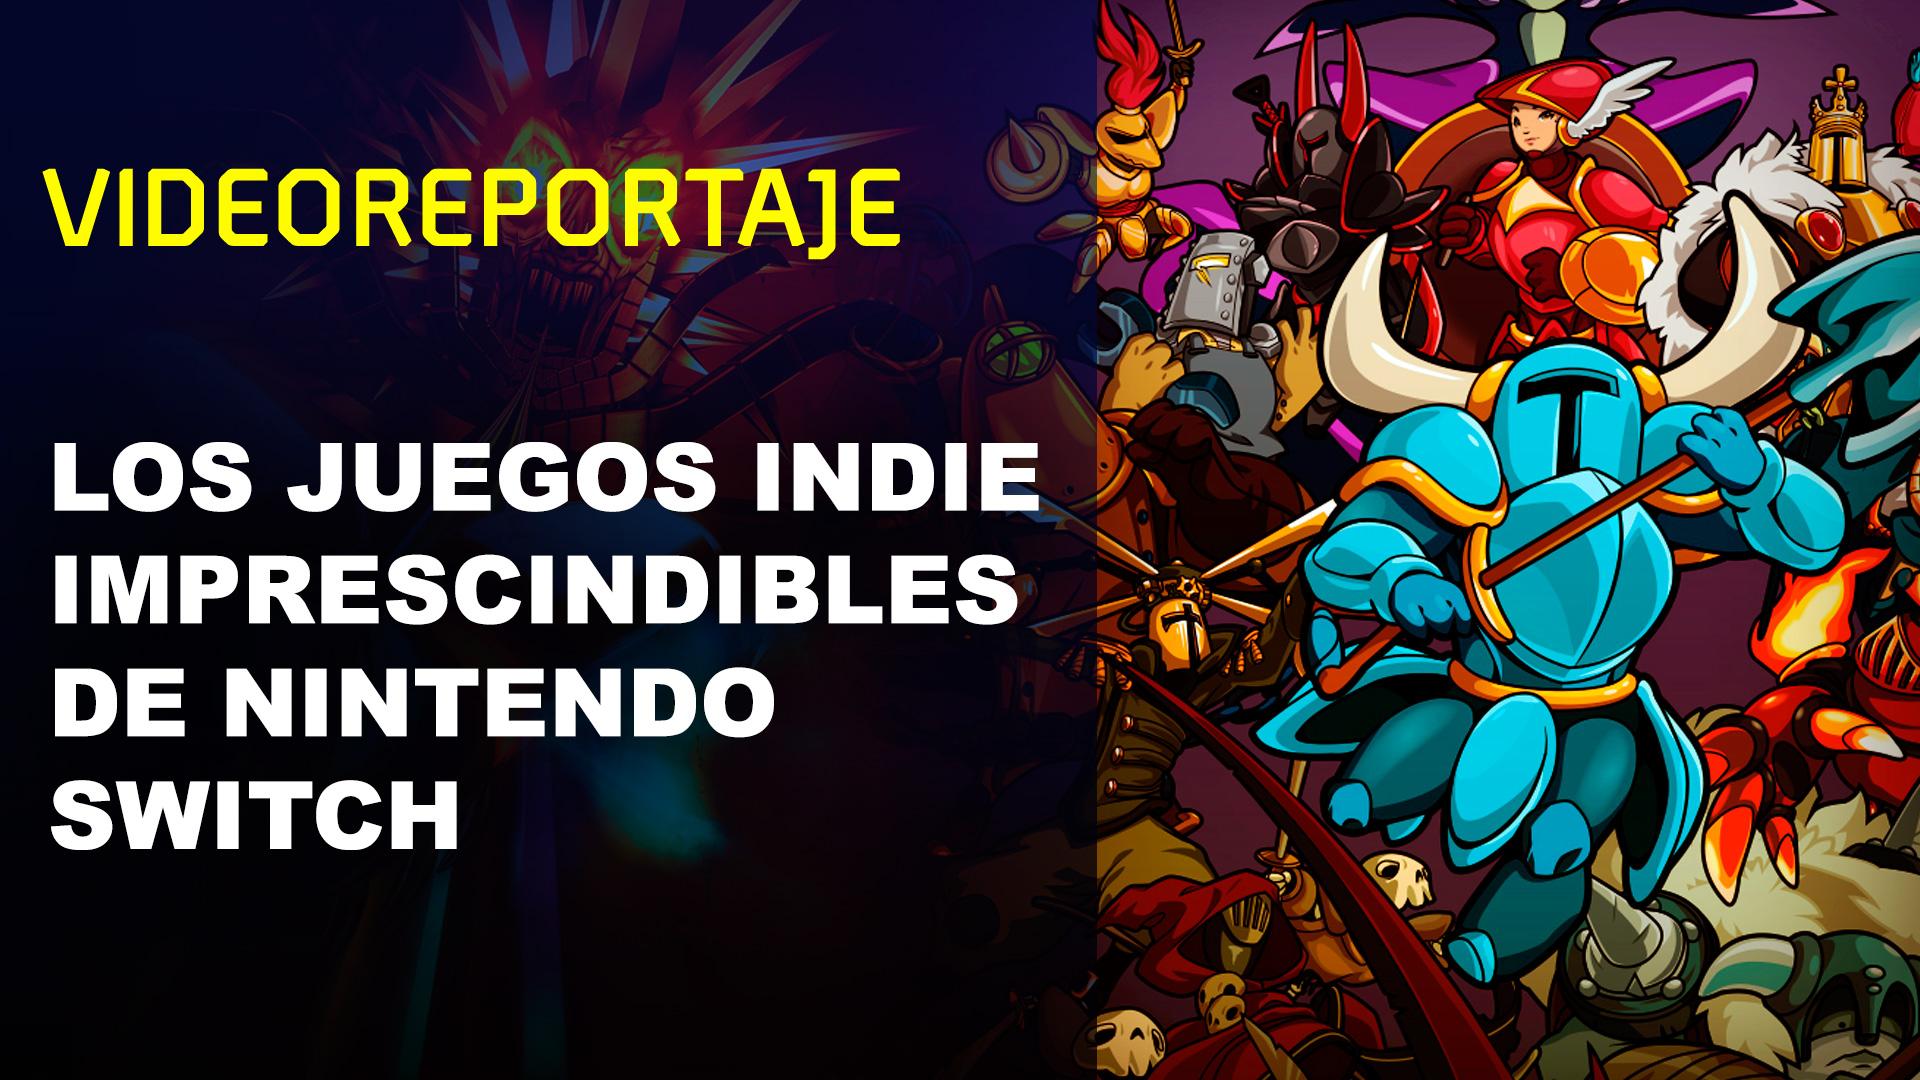 Los Juegos Indie Imprescindibles De Nintendo Switch